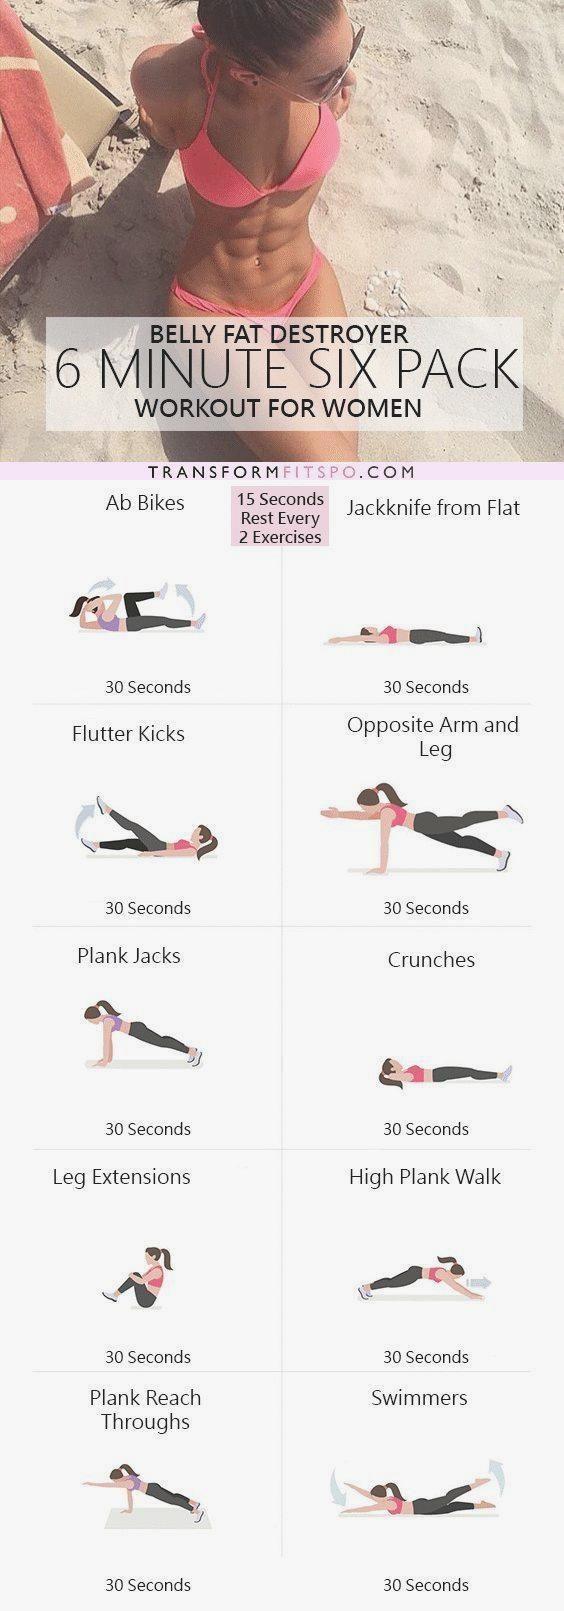 Fitness | Amazon.de #diet #dietmotivation #fitness #motivation #results #workout